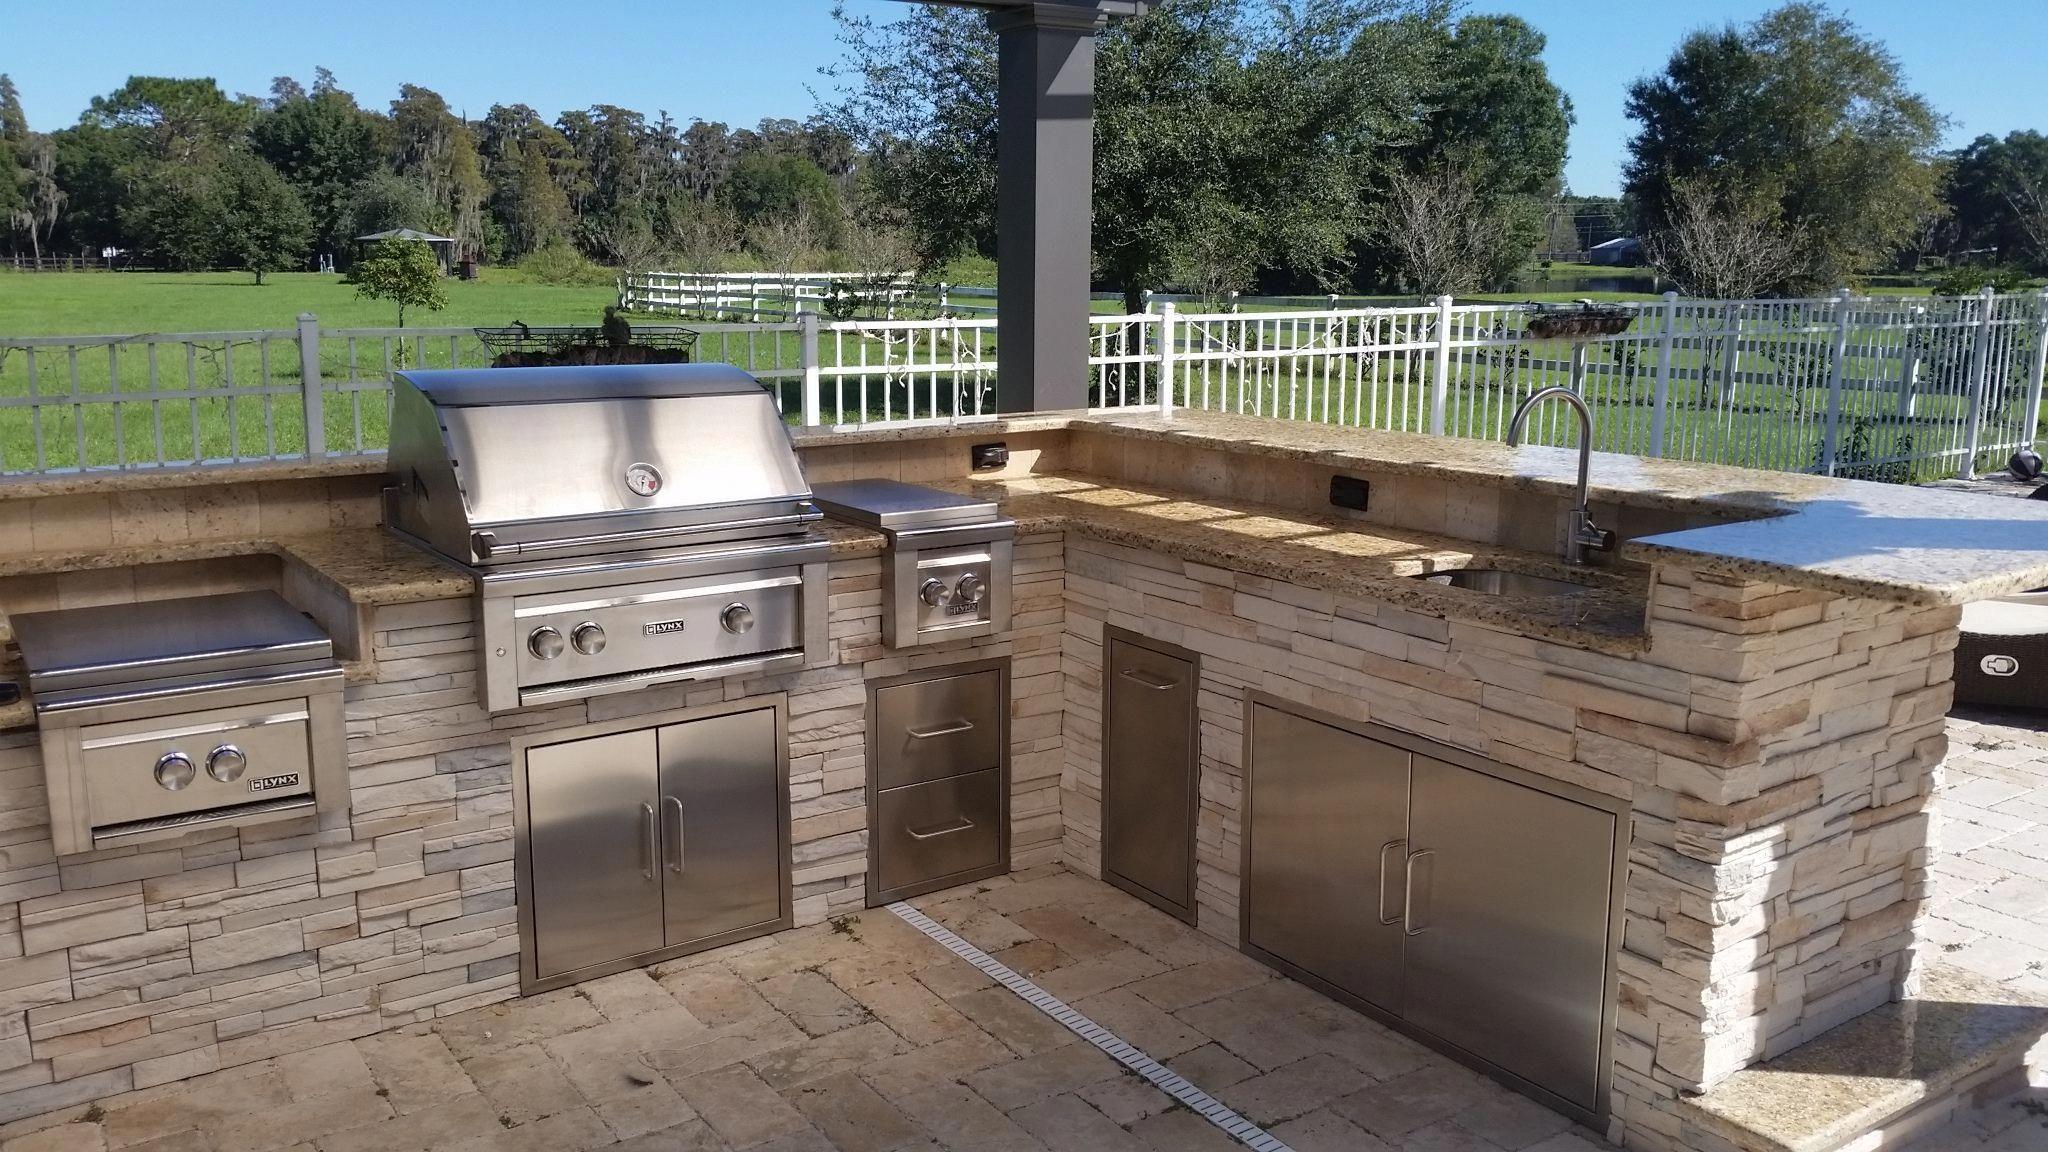 All Pro Premium 26 Inch Double Access Door In 2020 Outdoor Kitchen Countertops Outdoor Kitchen Bars Outdoor Kitchen Design